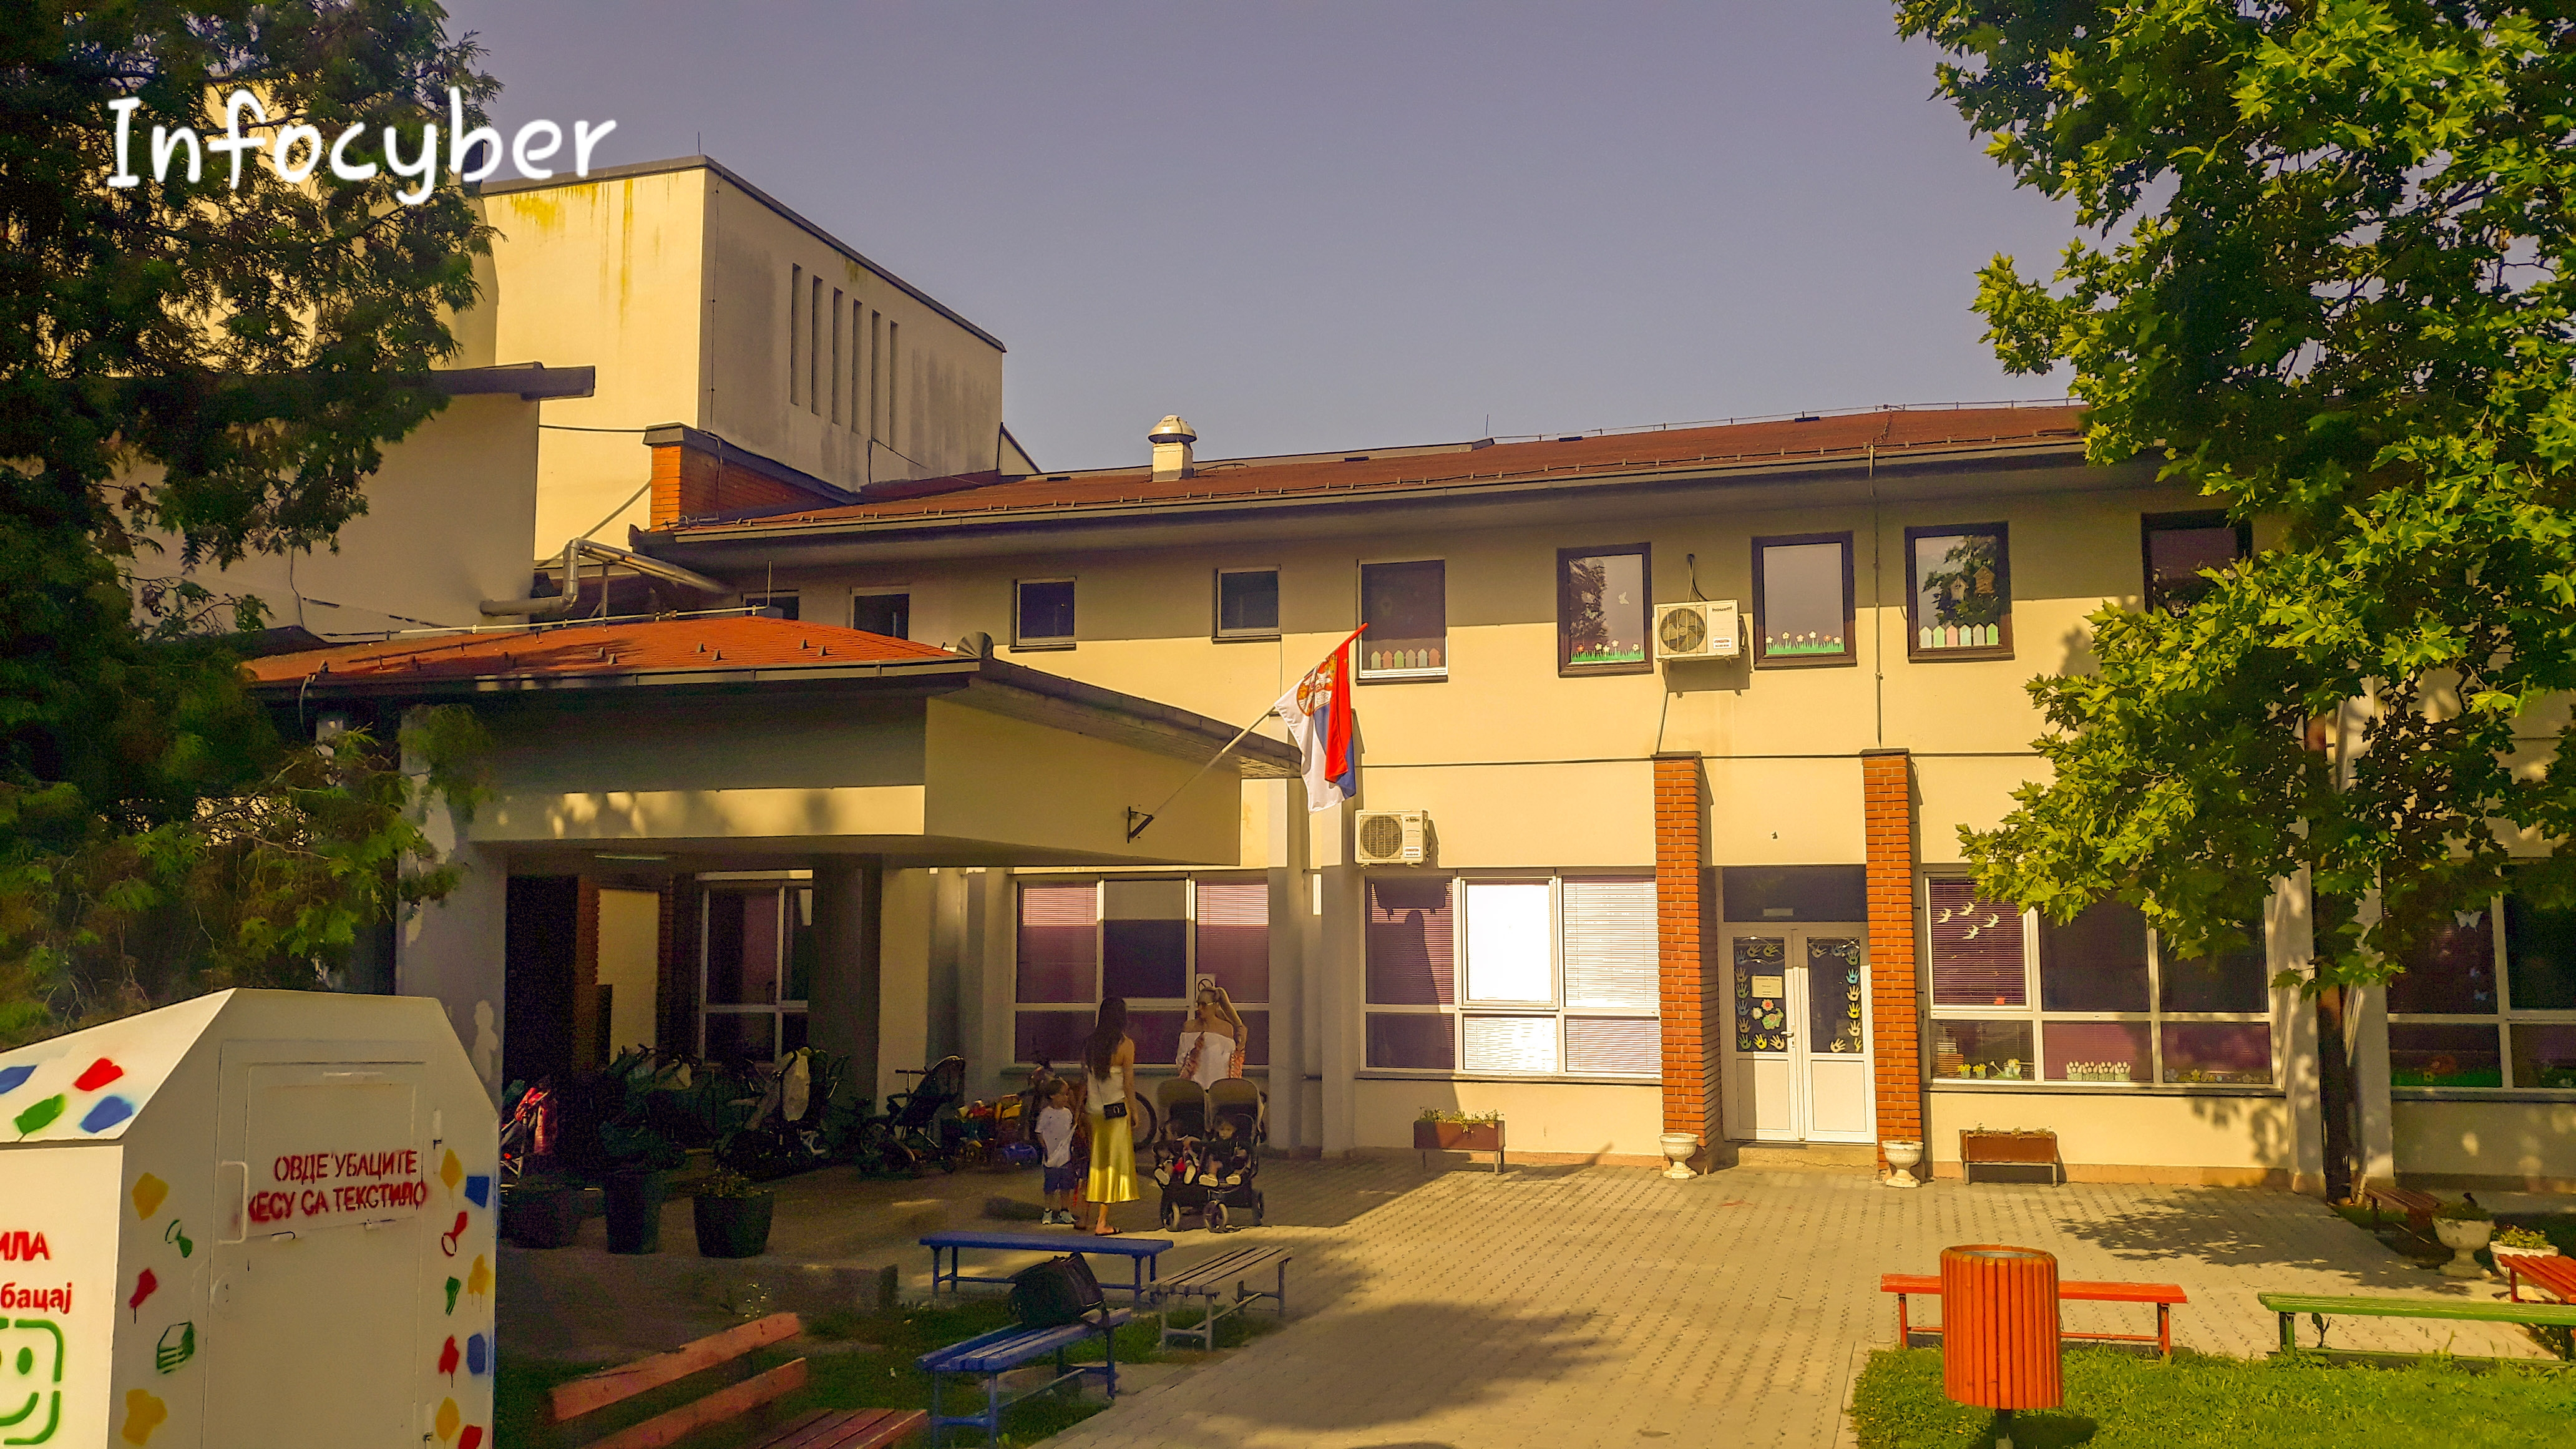 Potpisan ugovor-kreće izgradnja novog VRTIĆA u Inđiji